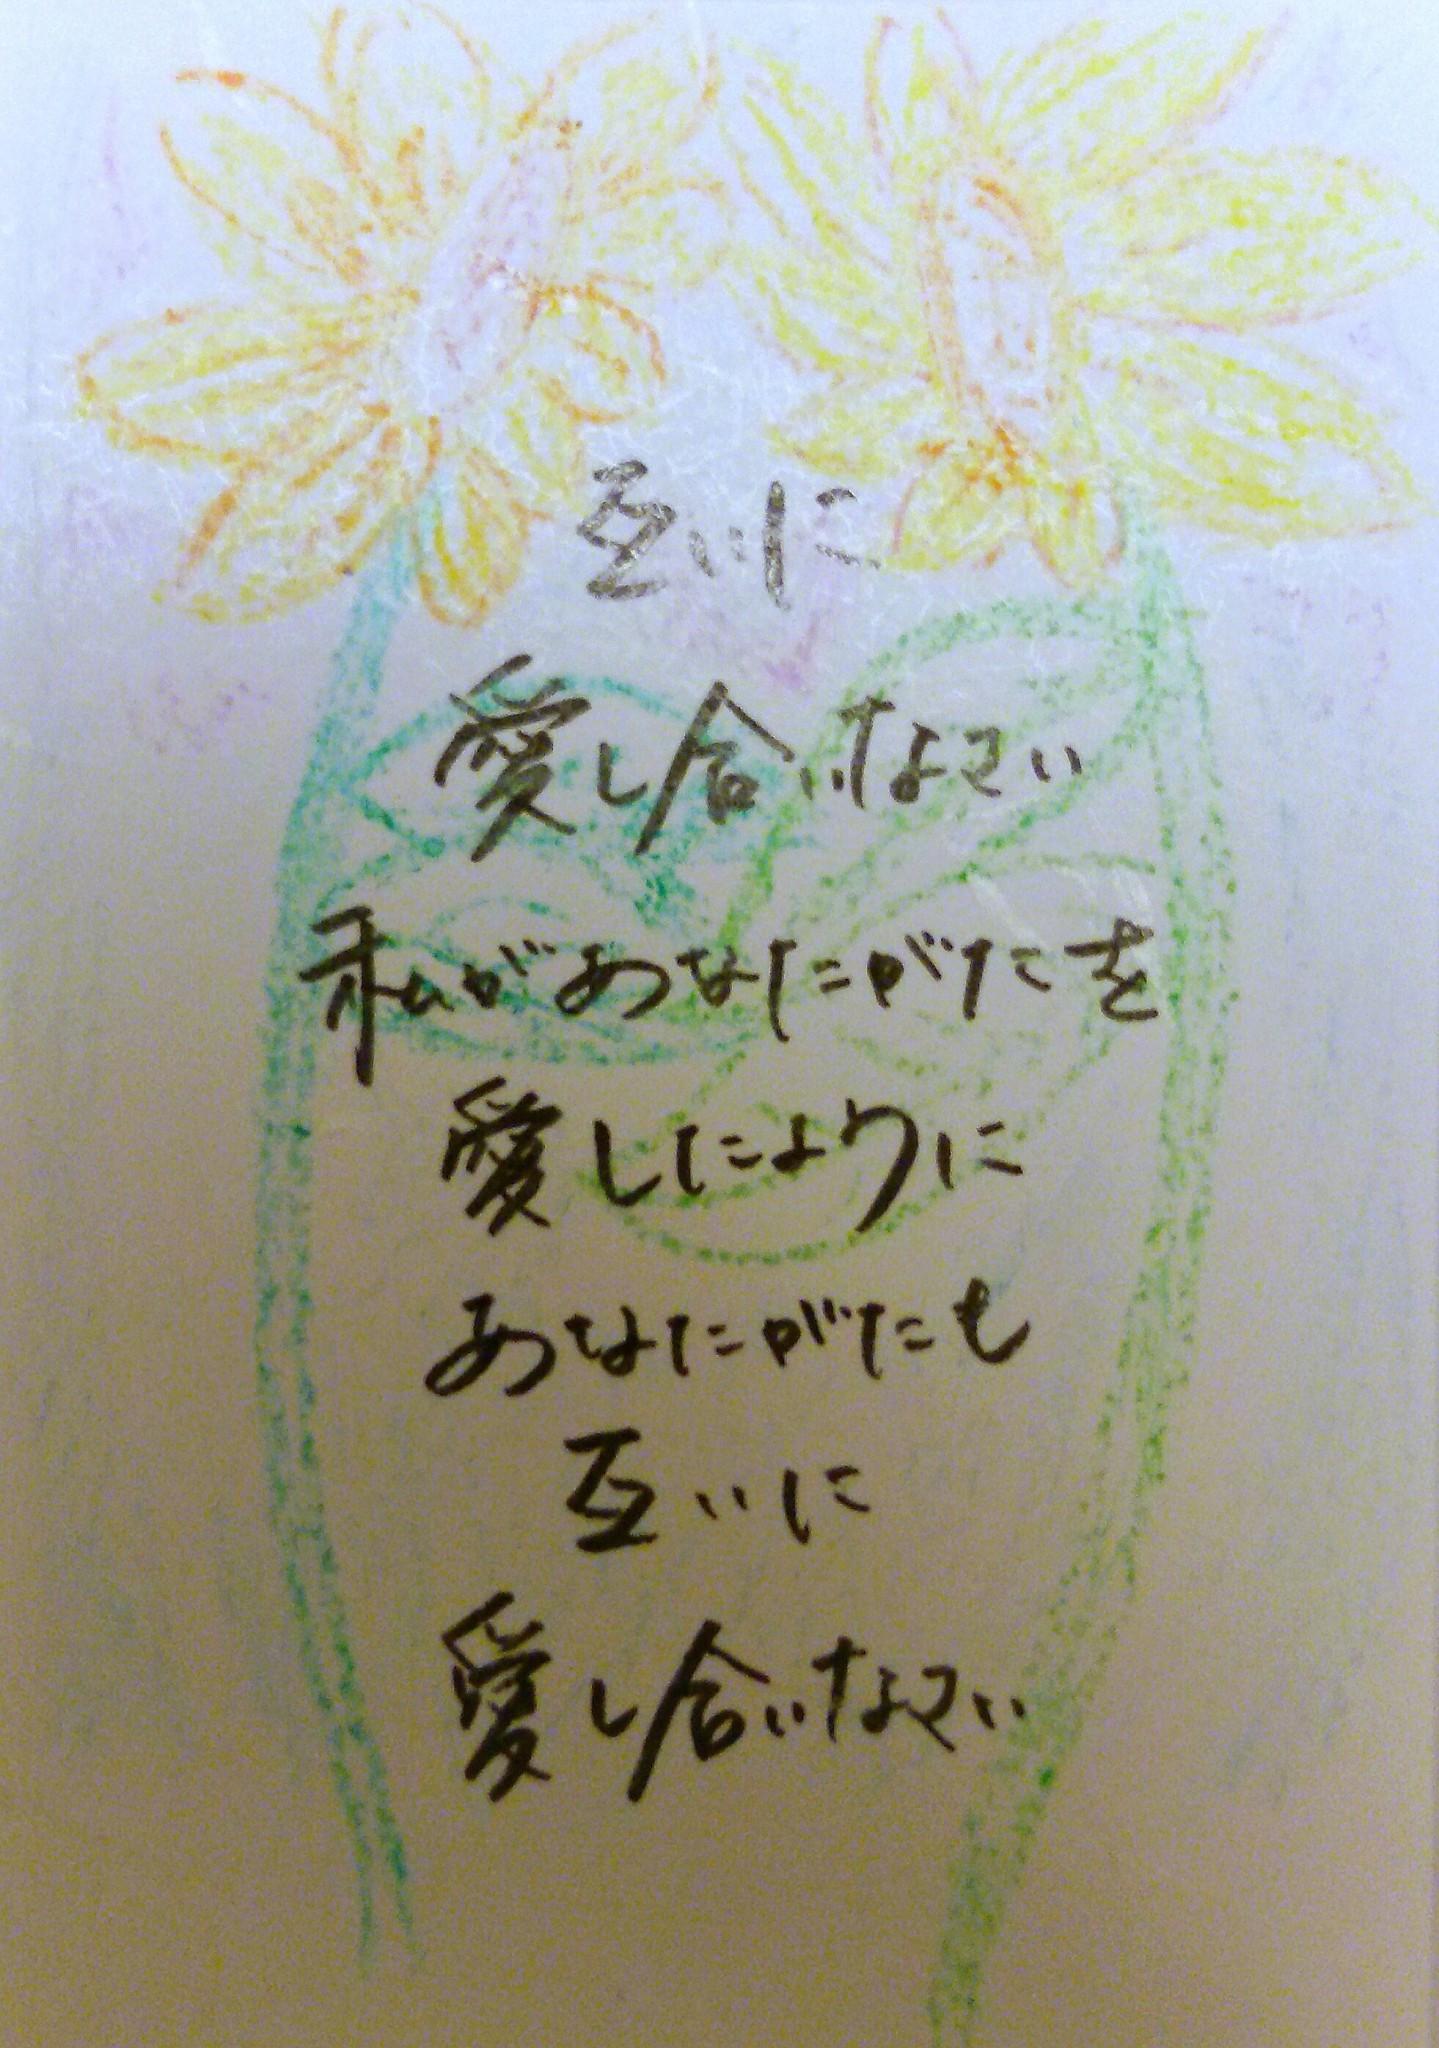 愛し合い haru